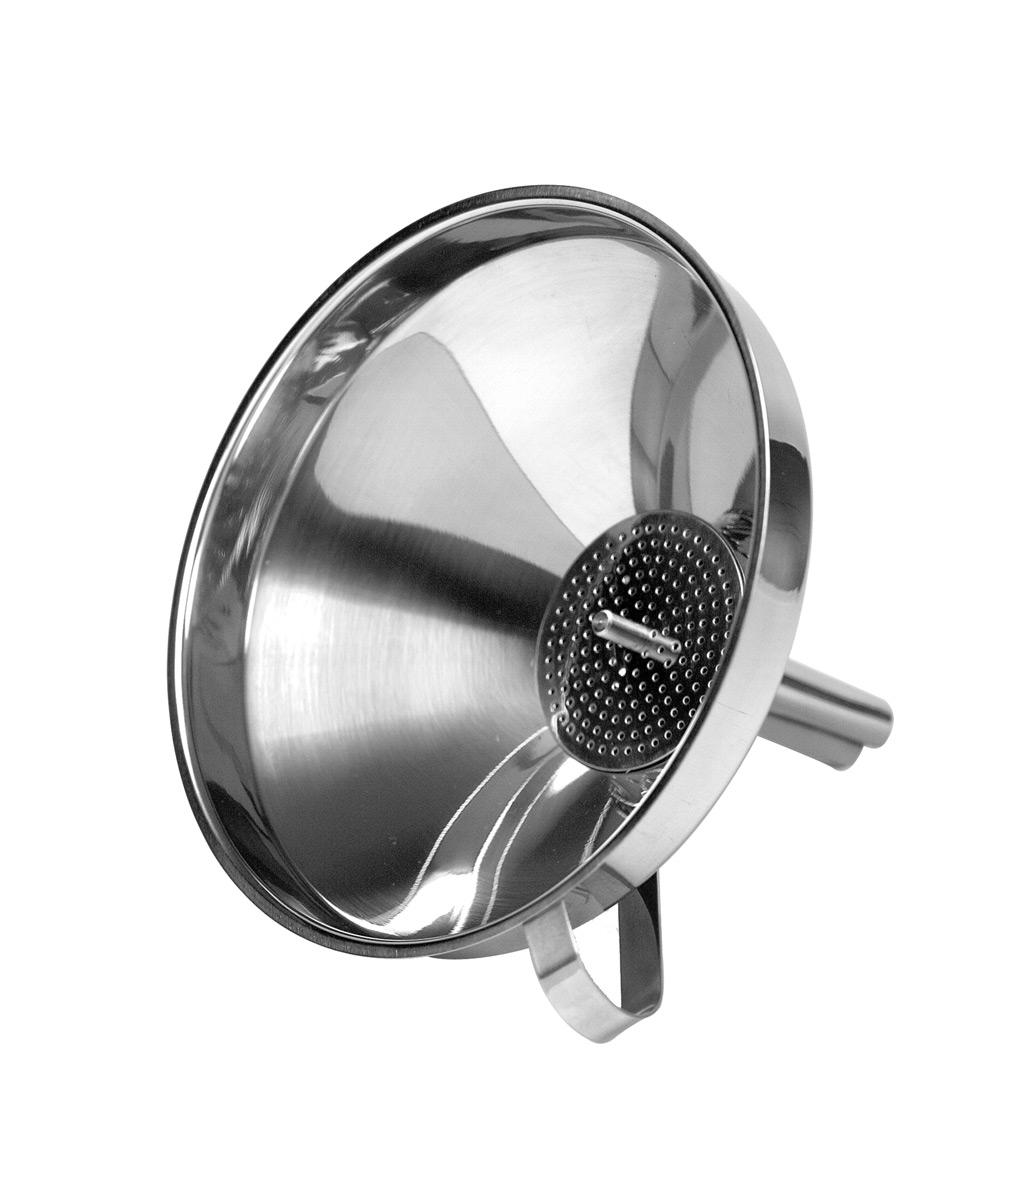 Funnel & Strainer 14.5cm Stainless Steel Funnels